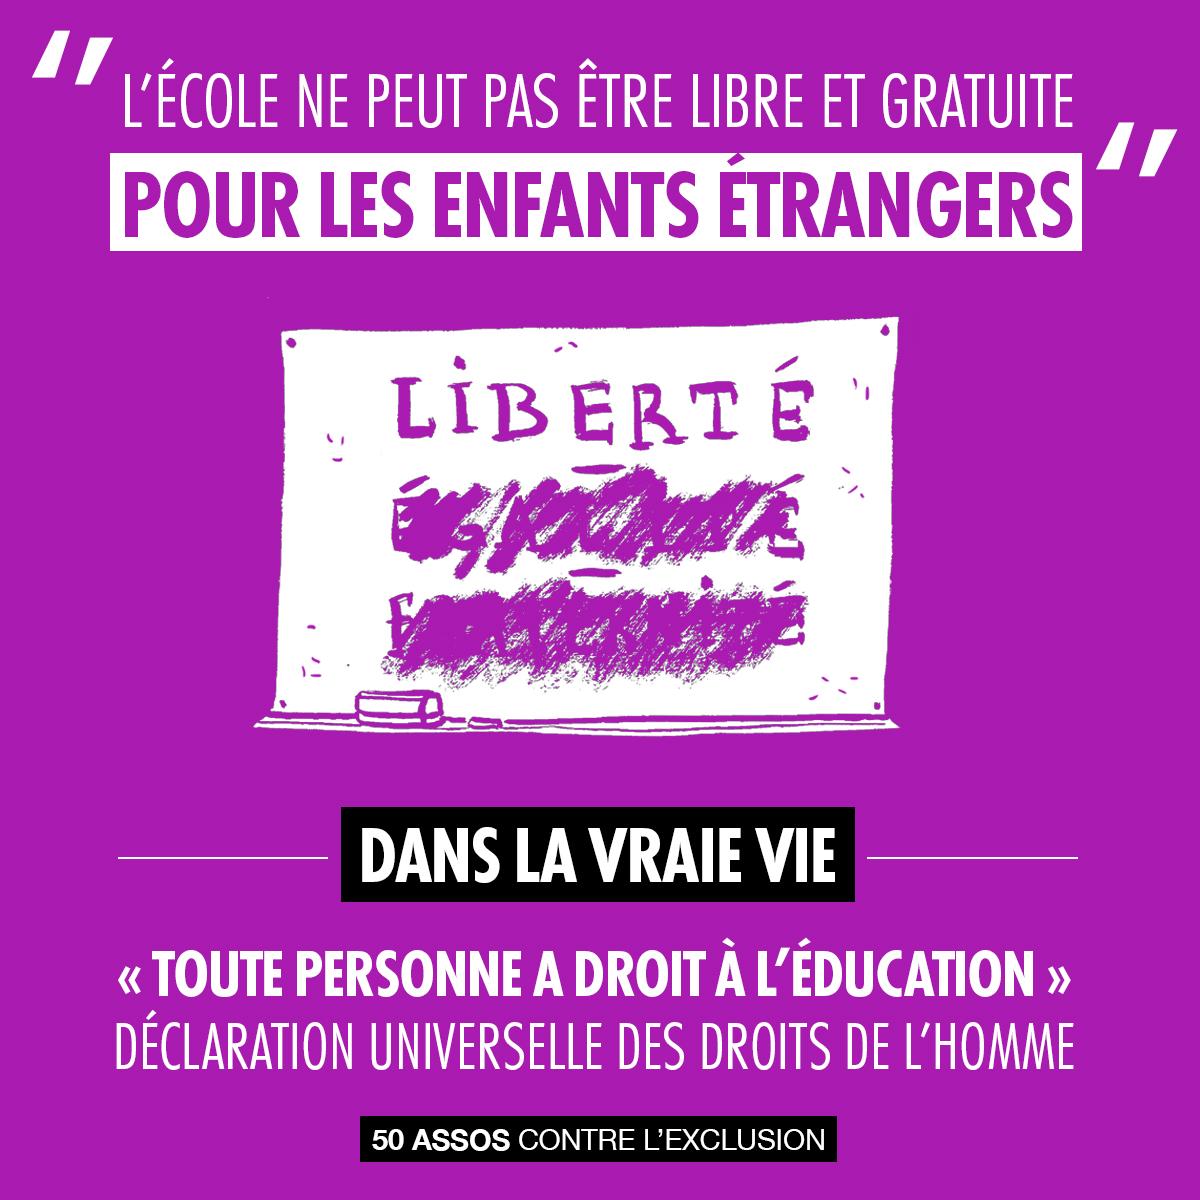 Source : 50 assos contre l'exclusion - L'autre campagne #DansLaVraieVie (2017) - http://50assos-contrelexclusion.org/index.php